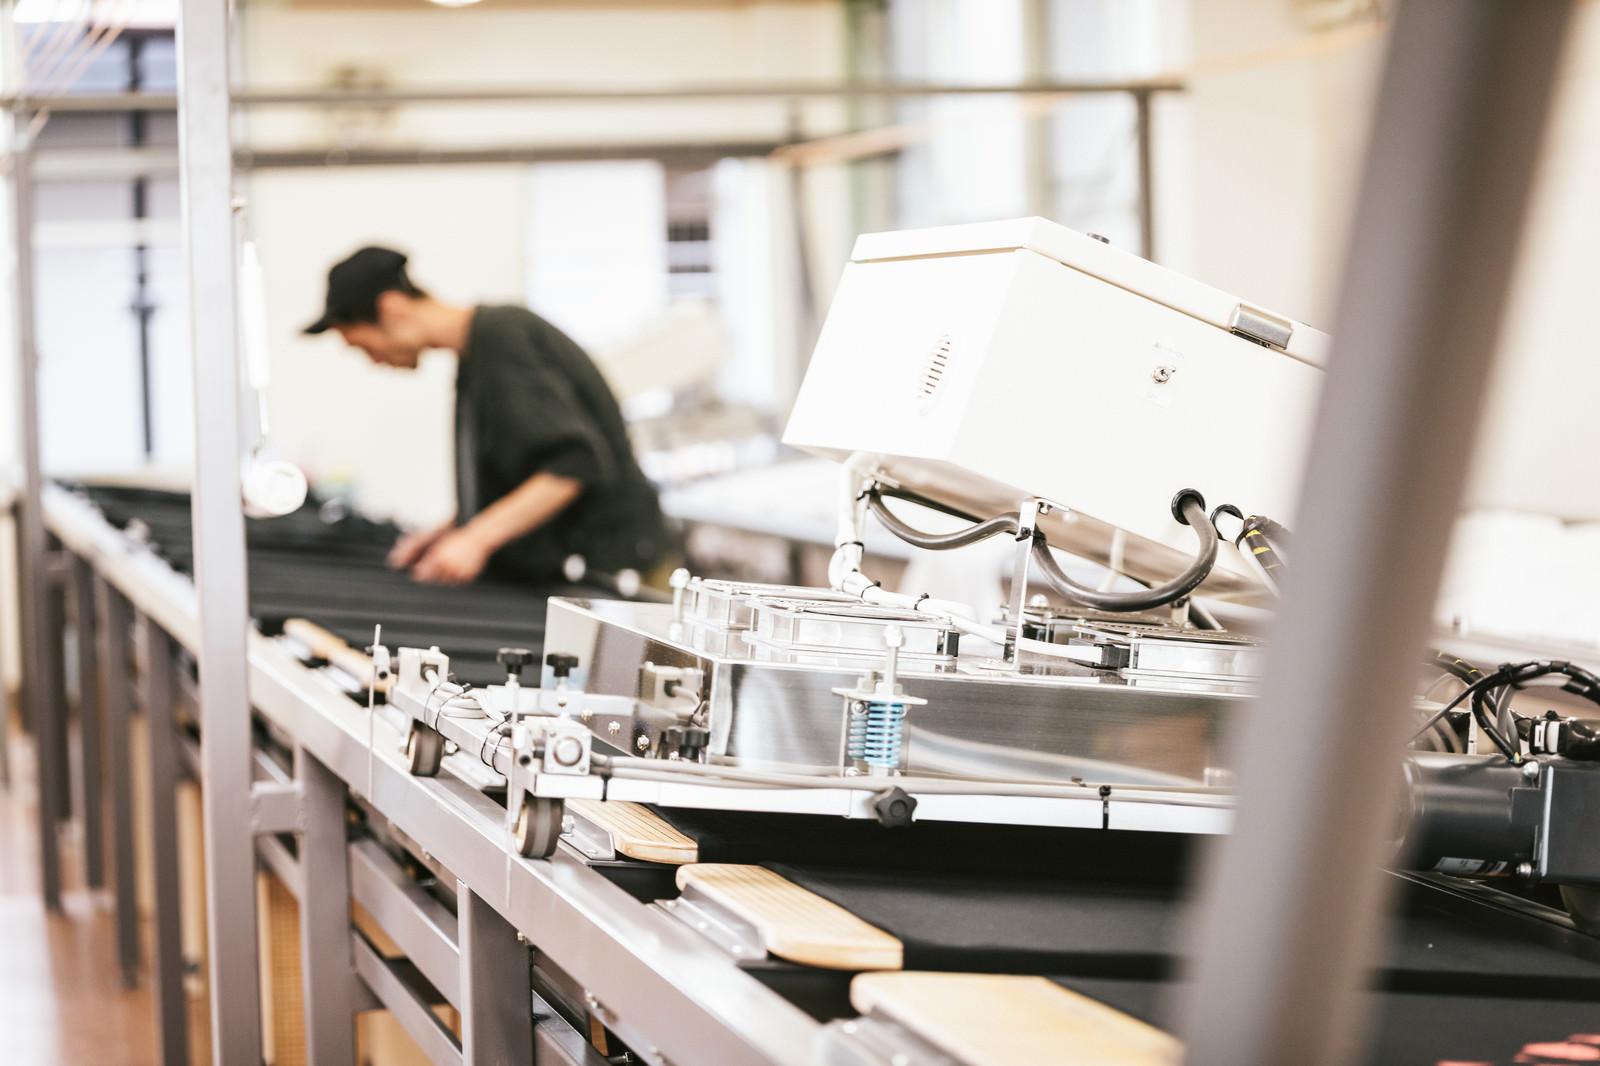 「レールの上を動く走行式乾燥機(シルク印刷)」の写真